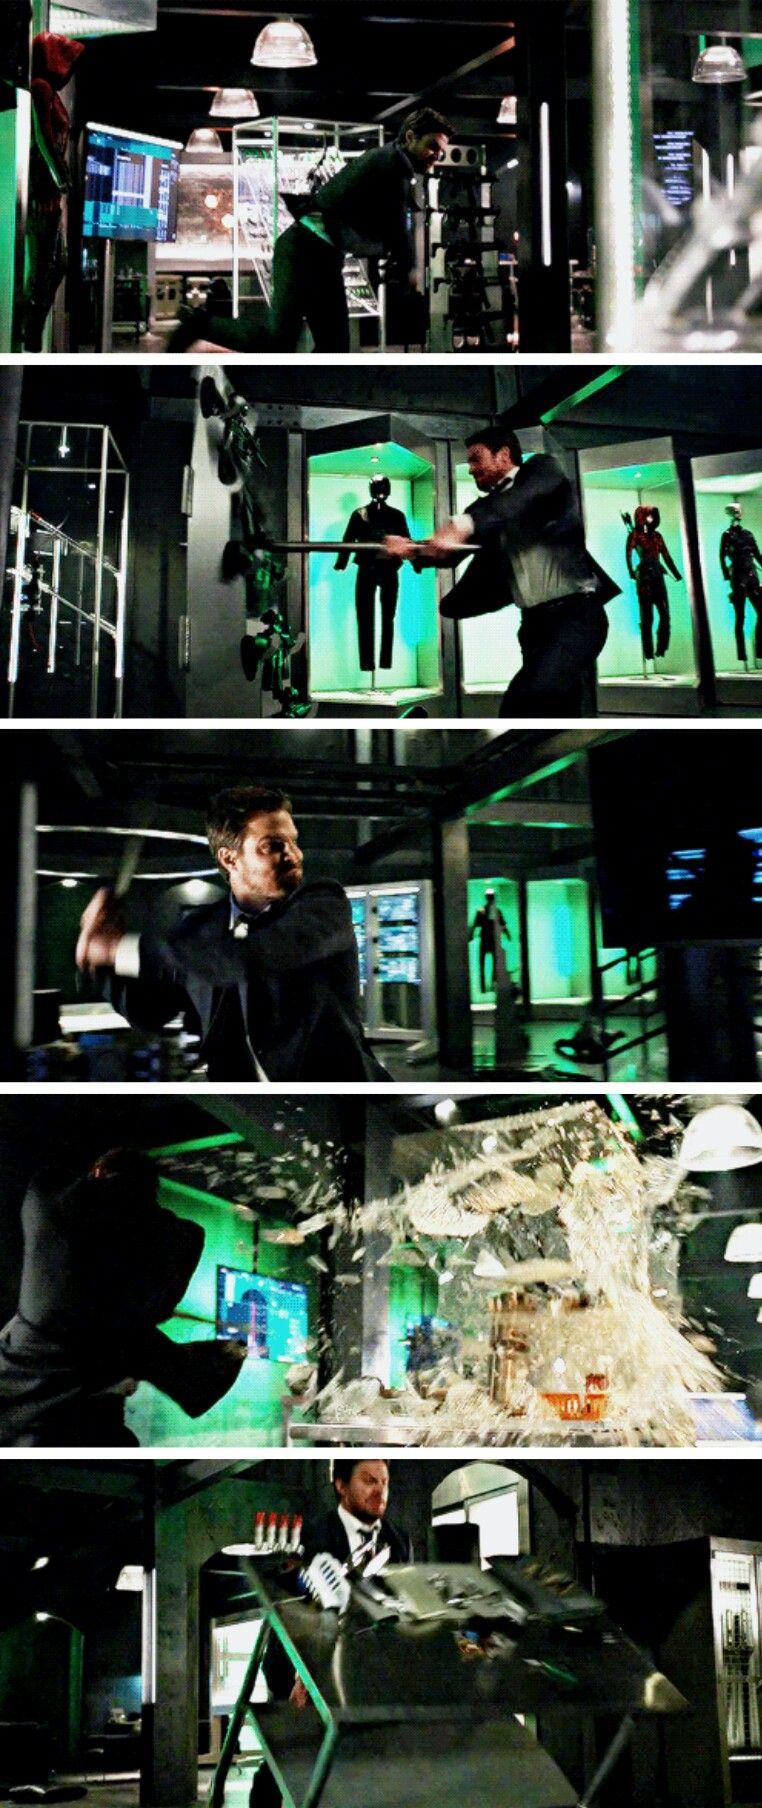 When you're having a bad day! #Arrow #Season5 #5x16